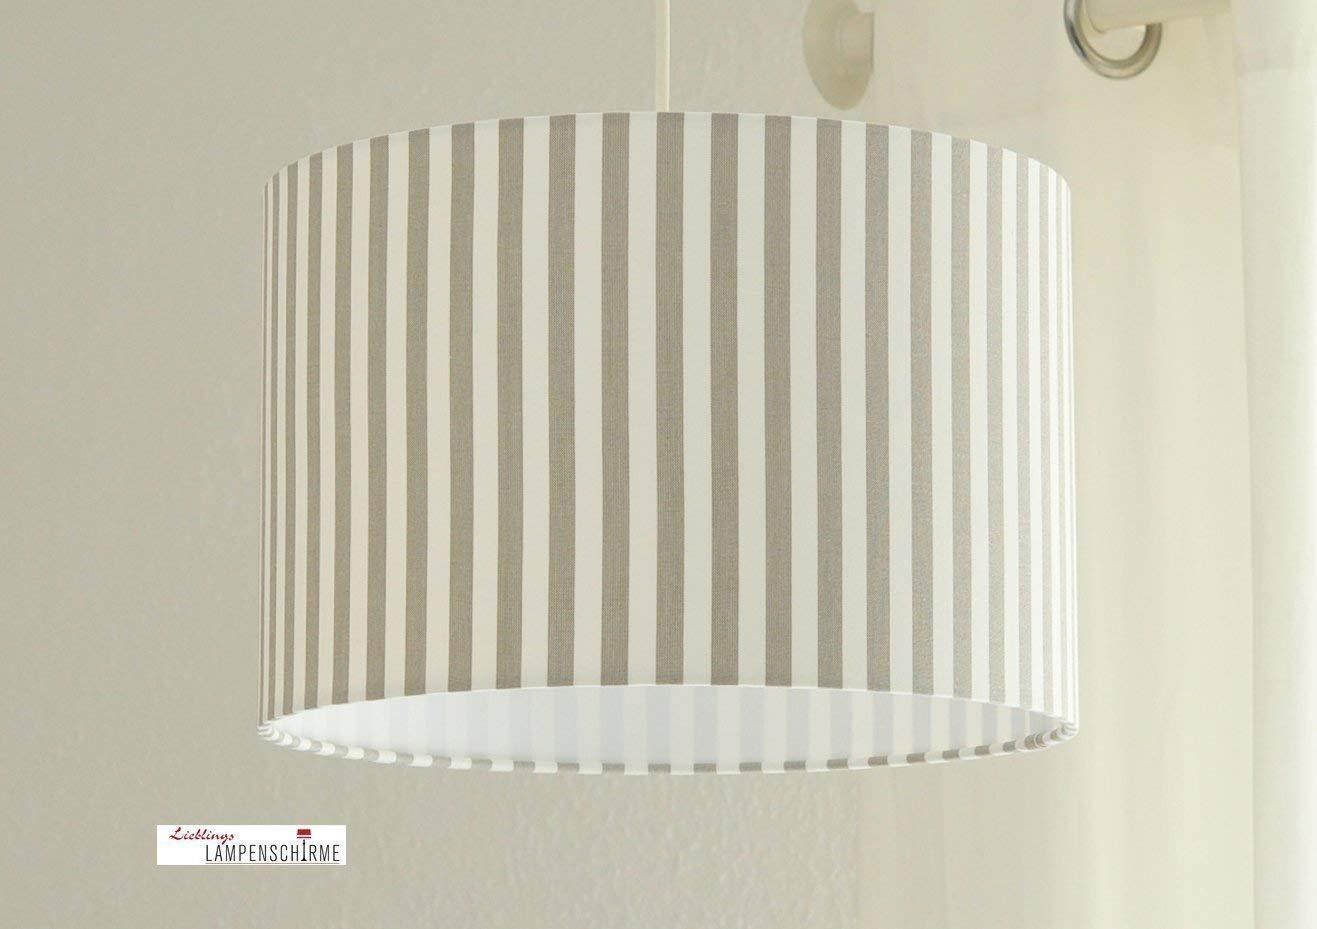 Lampe Deckenleuchte Streifen